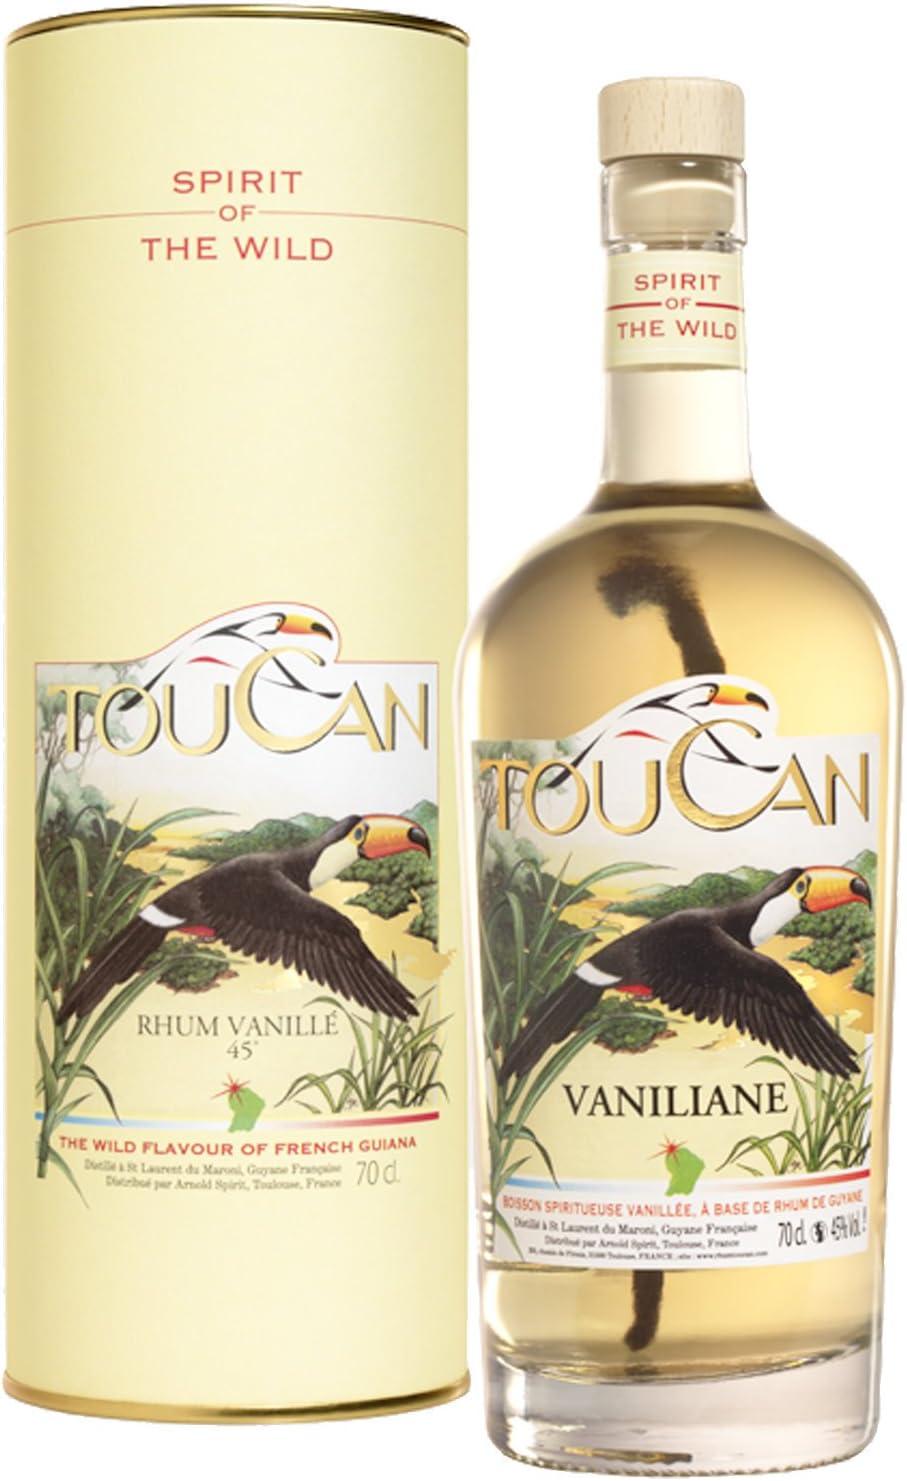 Ron Toucan Vaniliane 45 ° - 70 cl: Amazon.es: Alimentación y ...